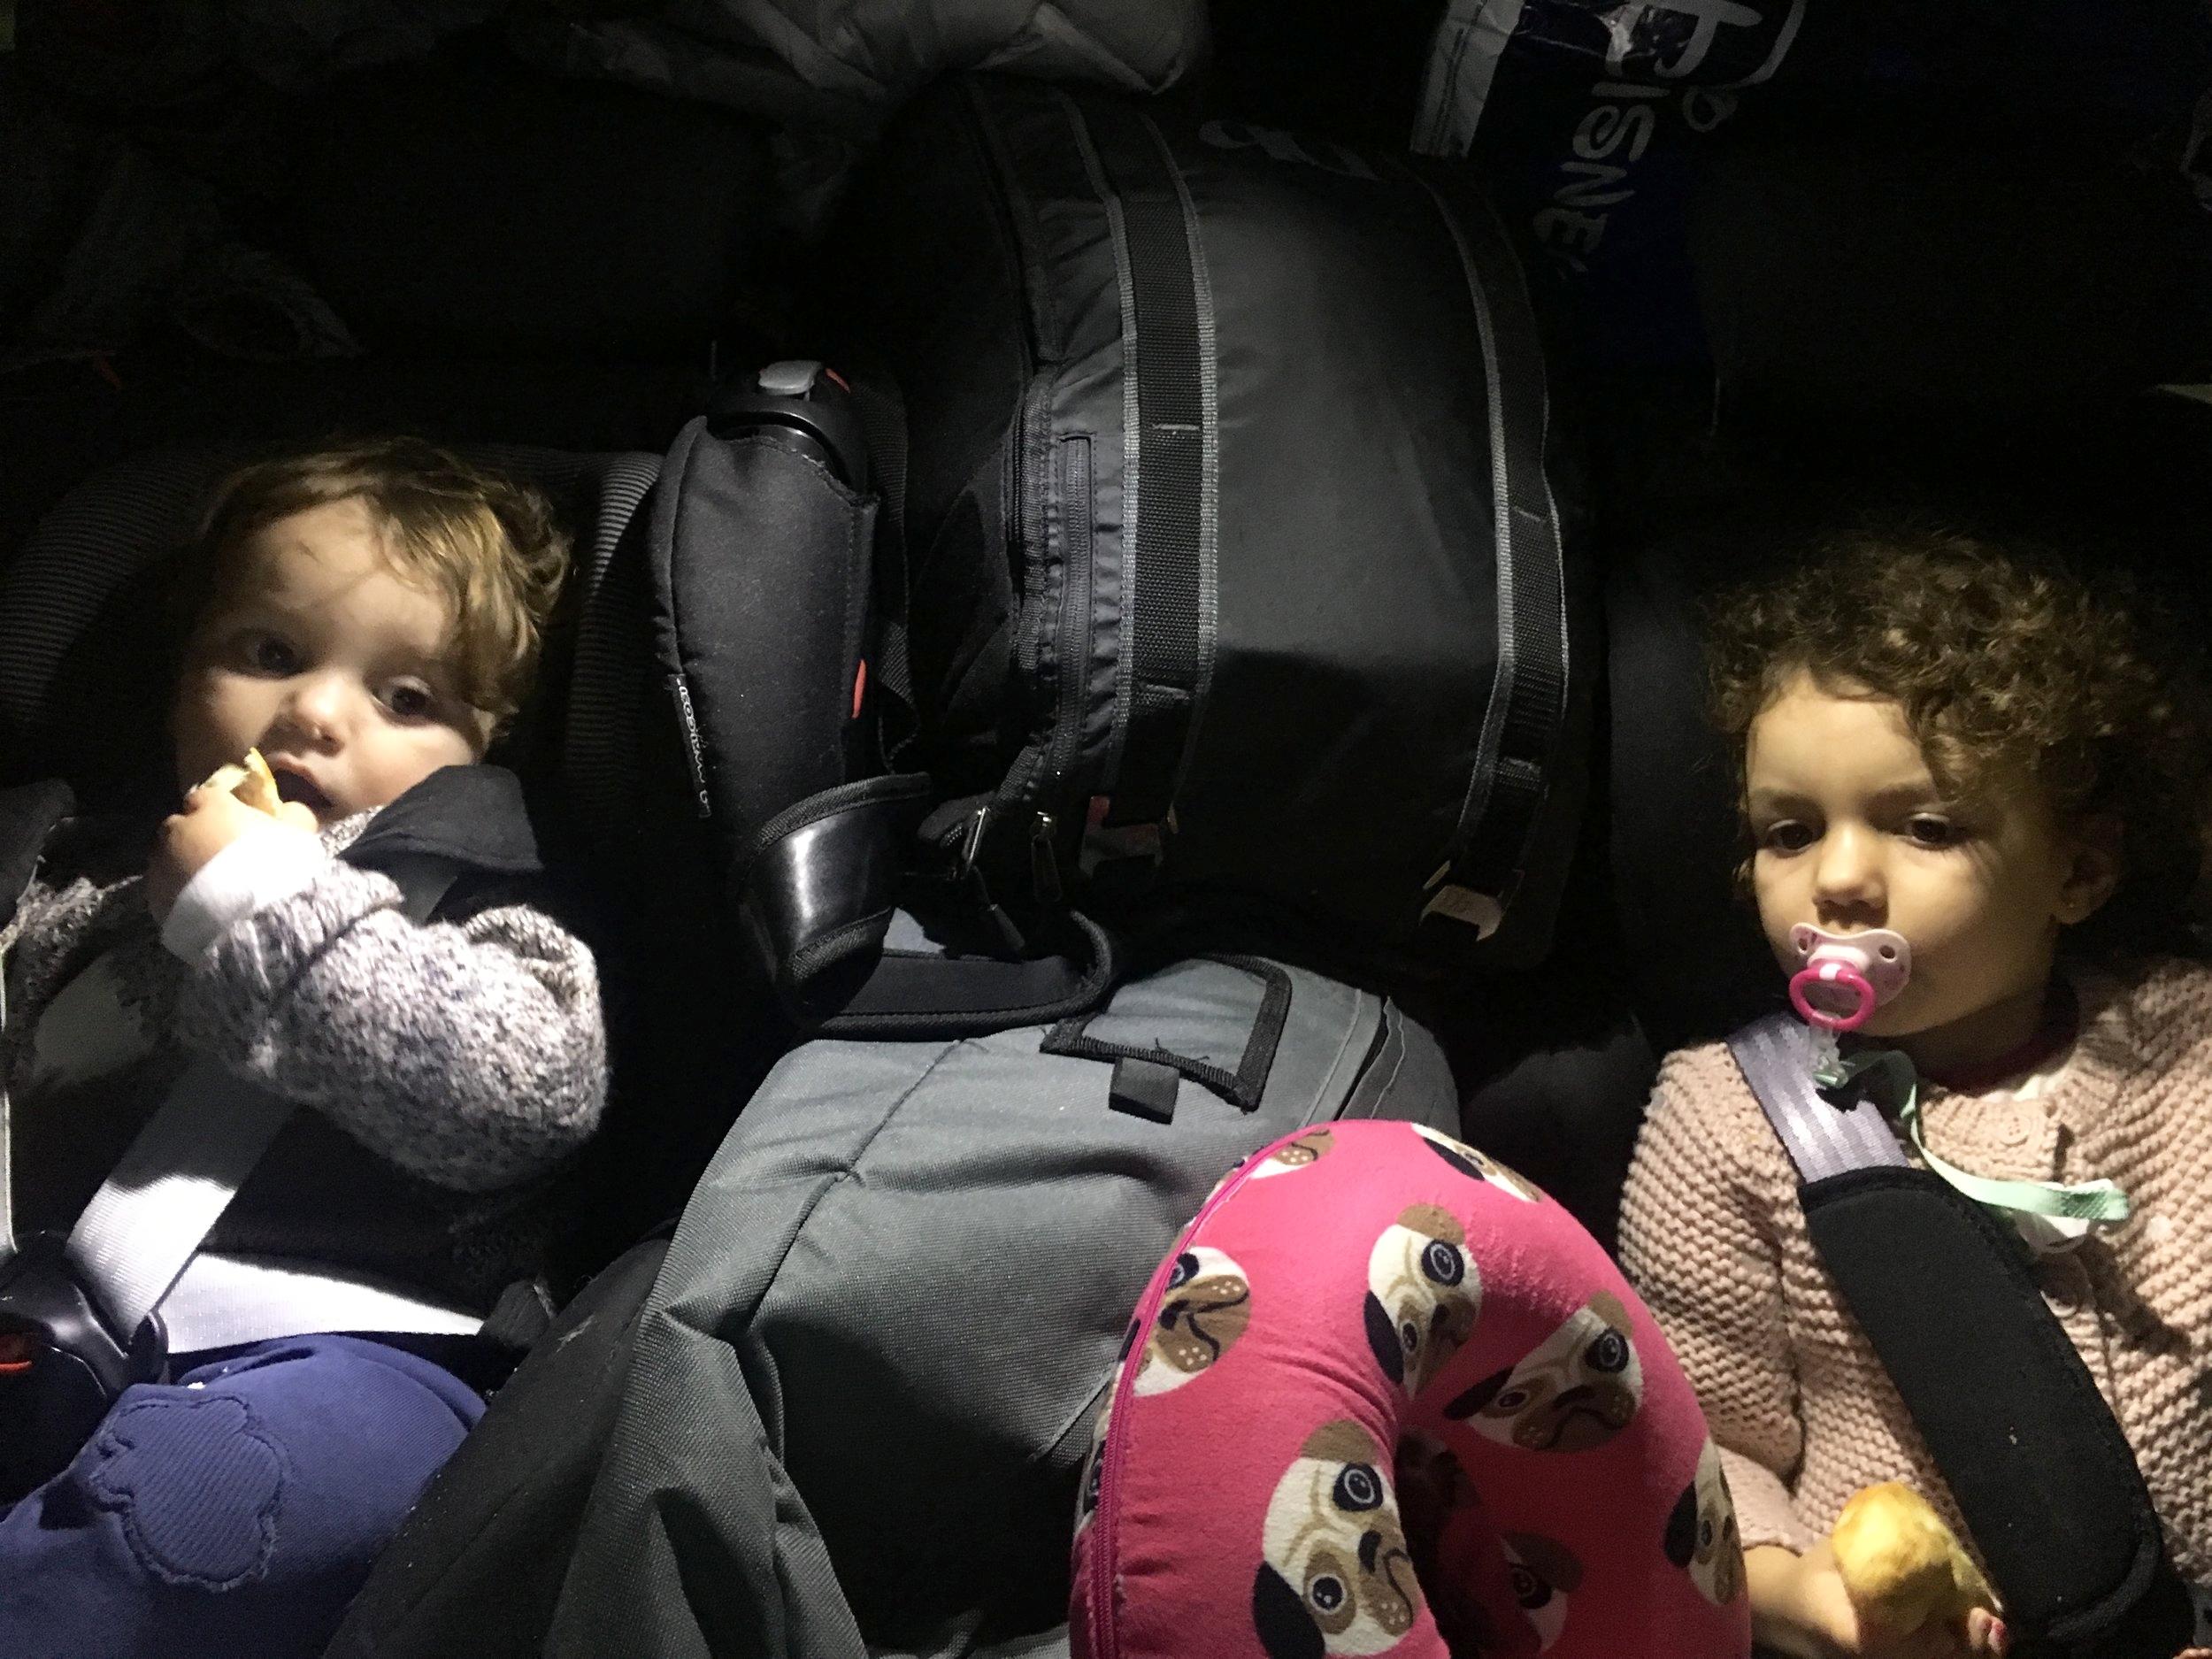 Conseguem enxergar duas crianças no meio de tanta coisa?